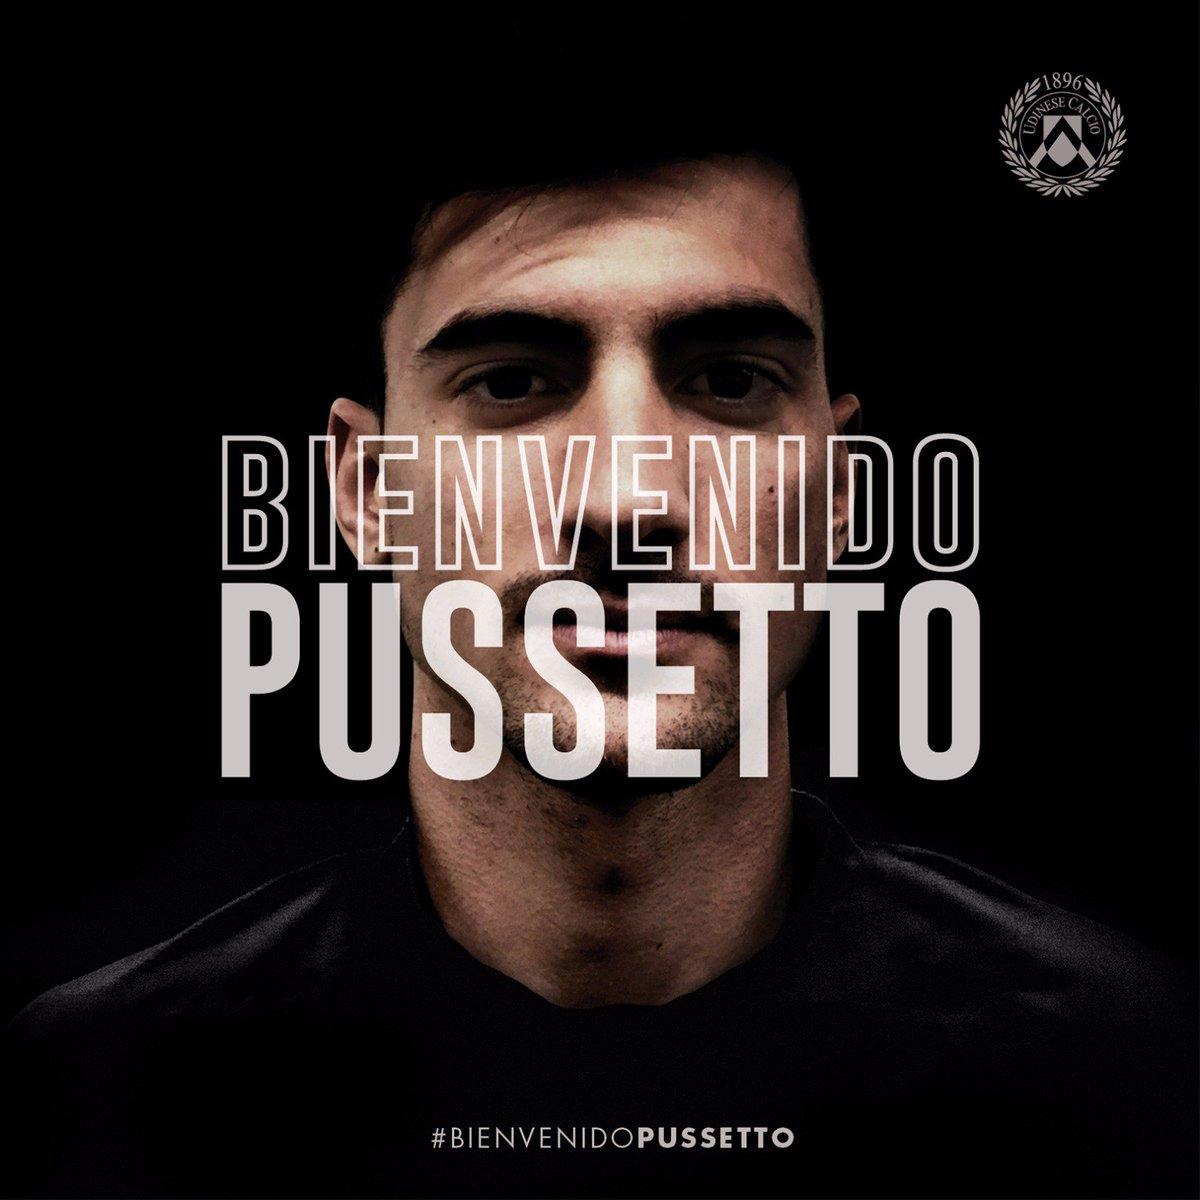 Ignacio Pussetto